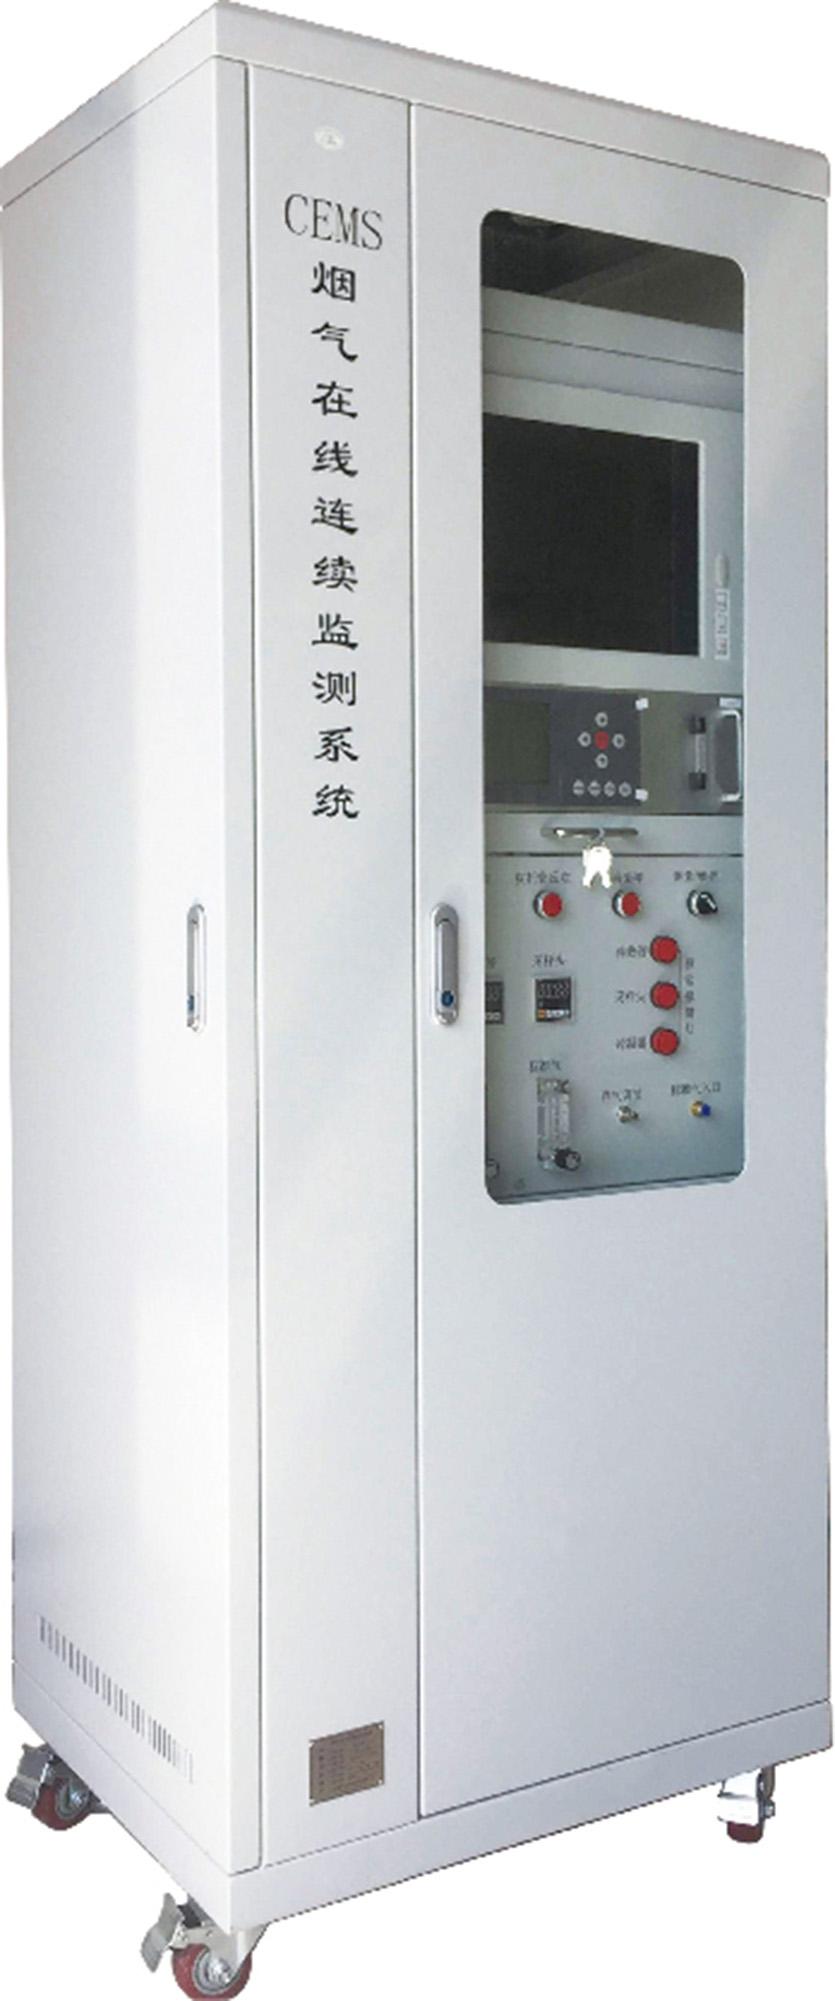 CEMS型煙氣排放連續監測系統